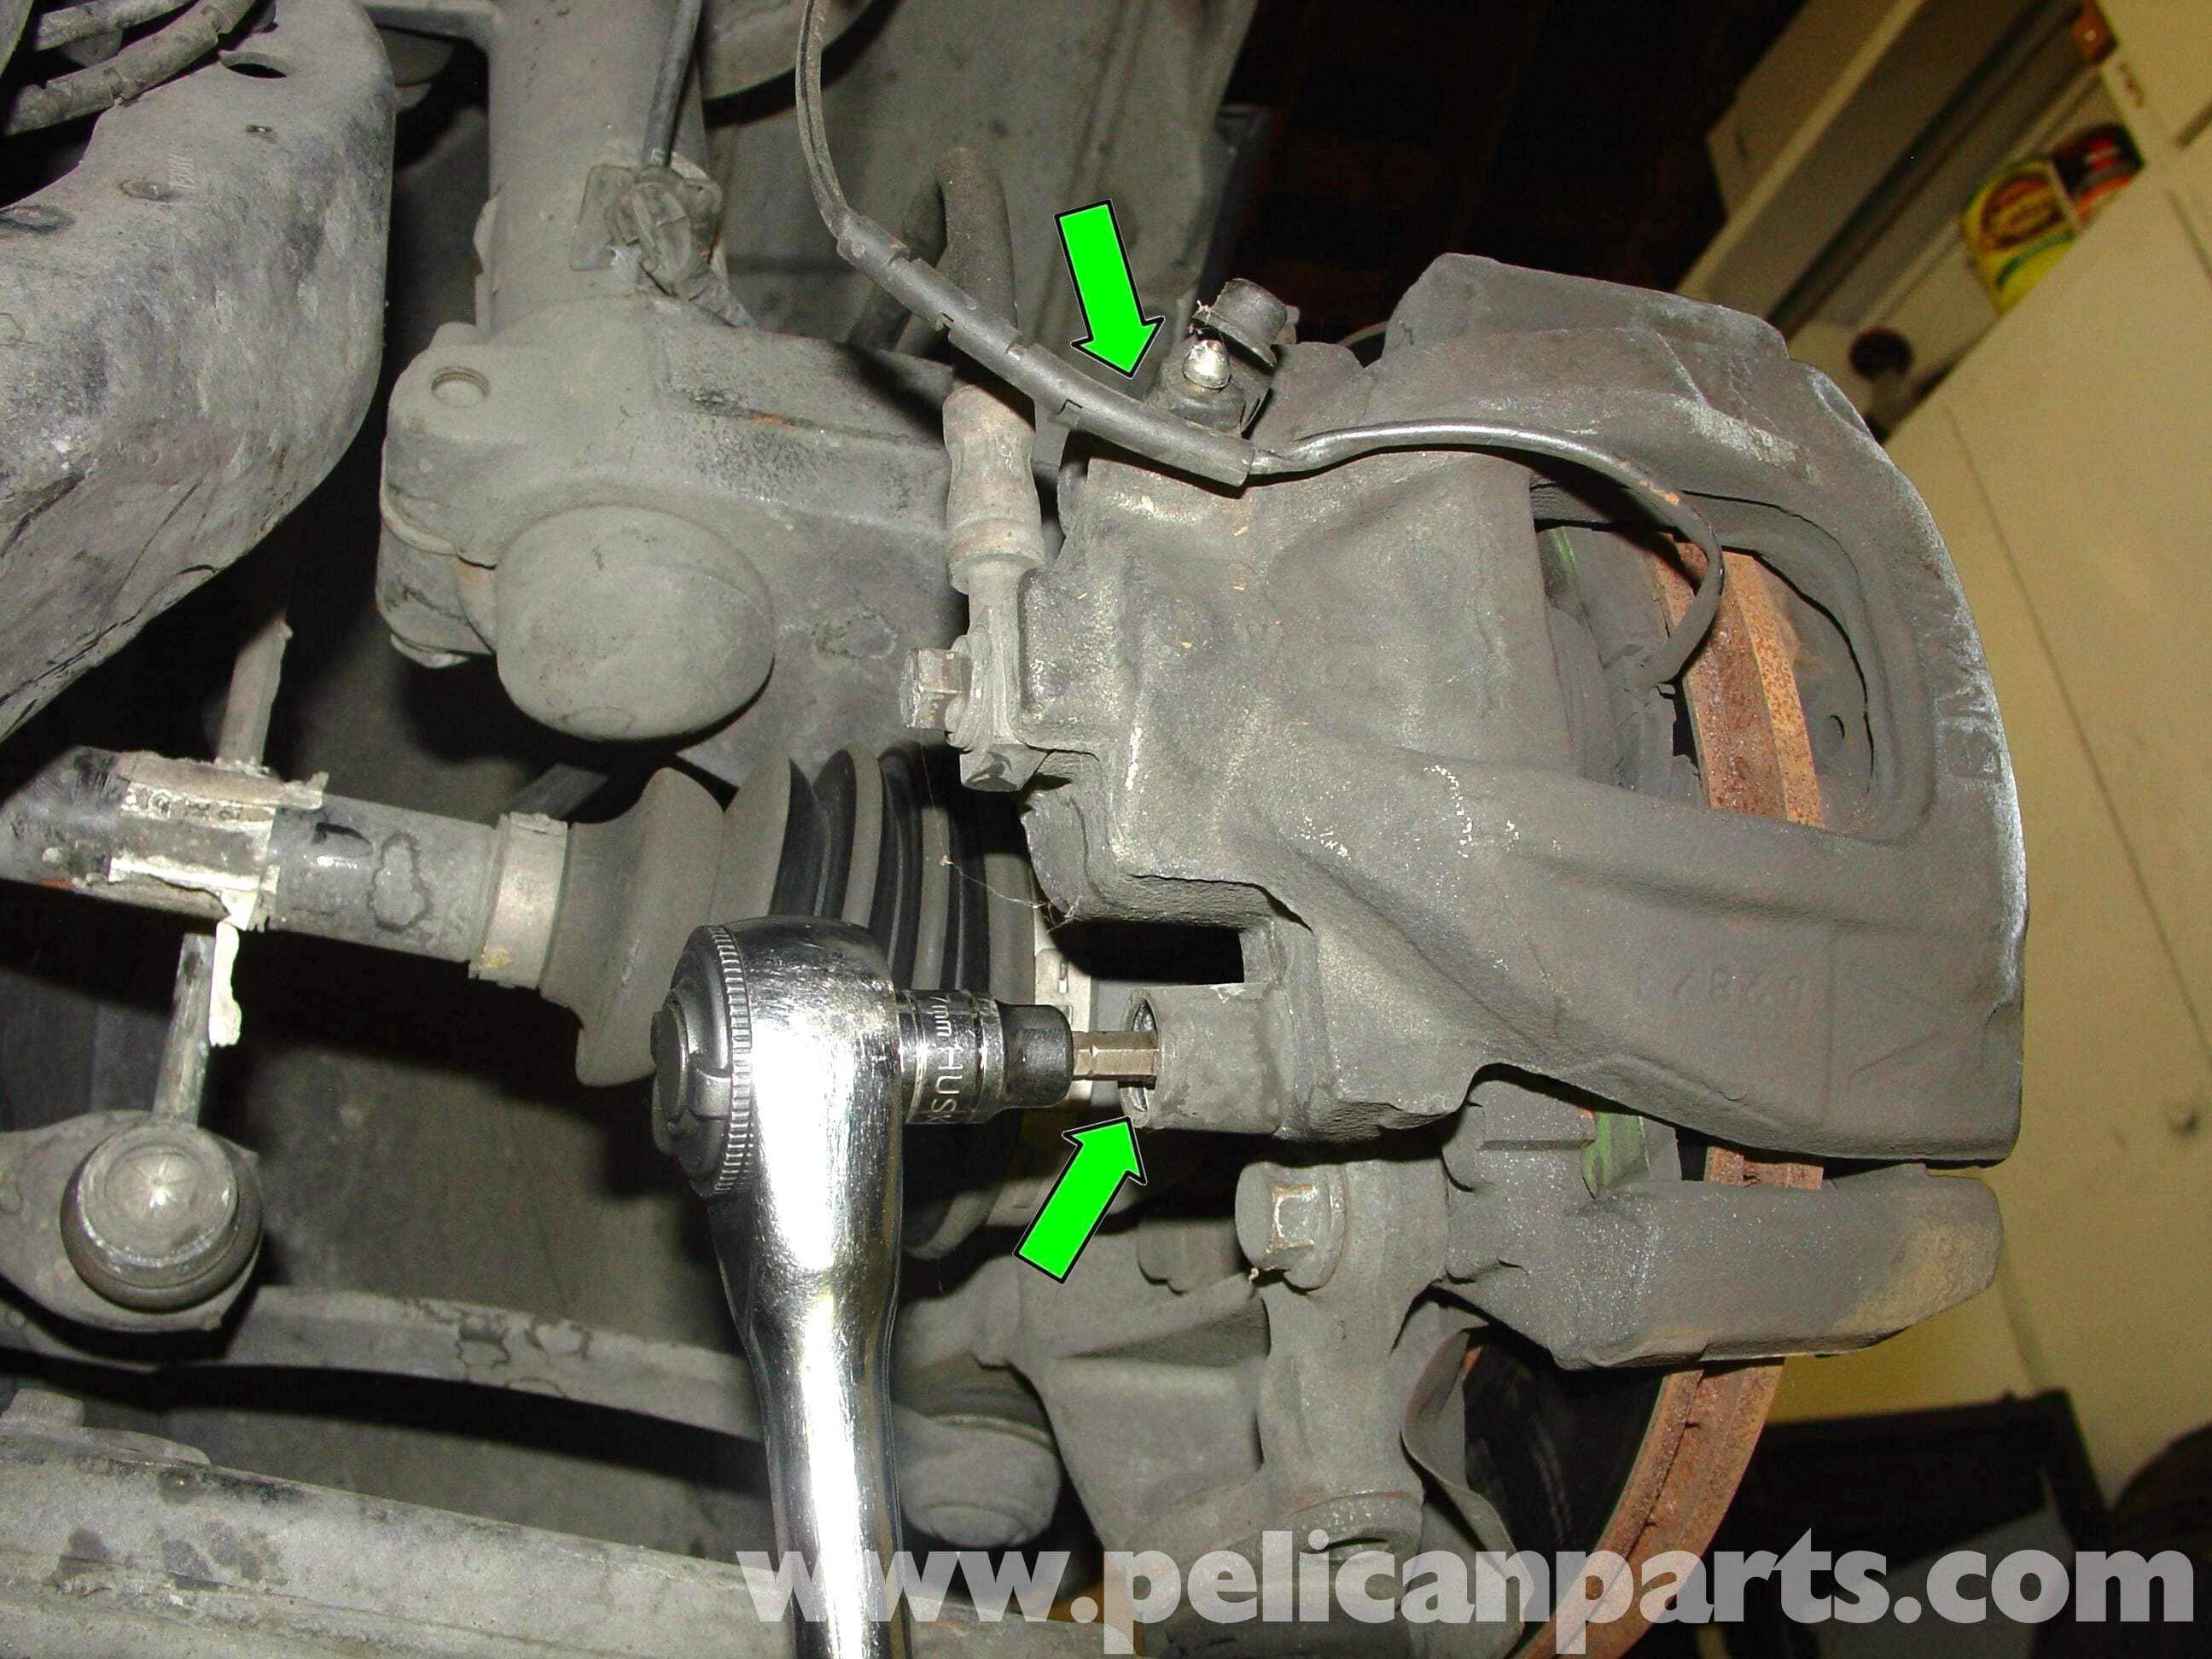 Diagram Brake Pad Wear Not Lossing Wiring Mini Indicator Cooper Replacement R50 R52 R53 2001 2006 Caliper Bad Pads